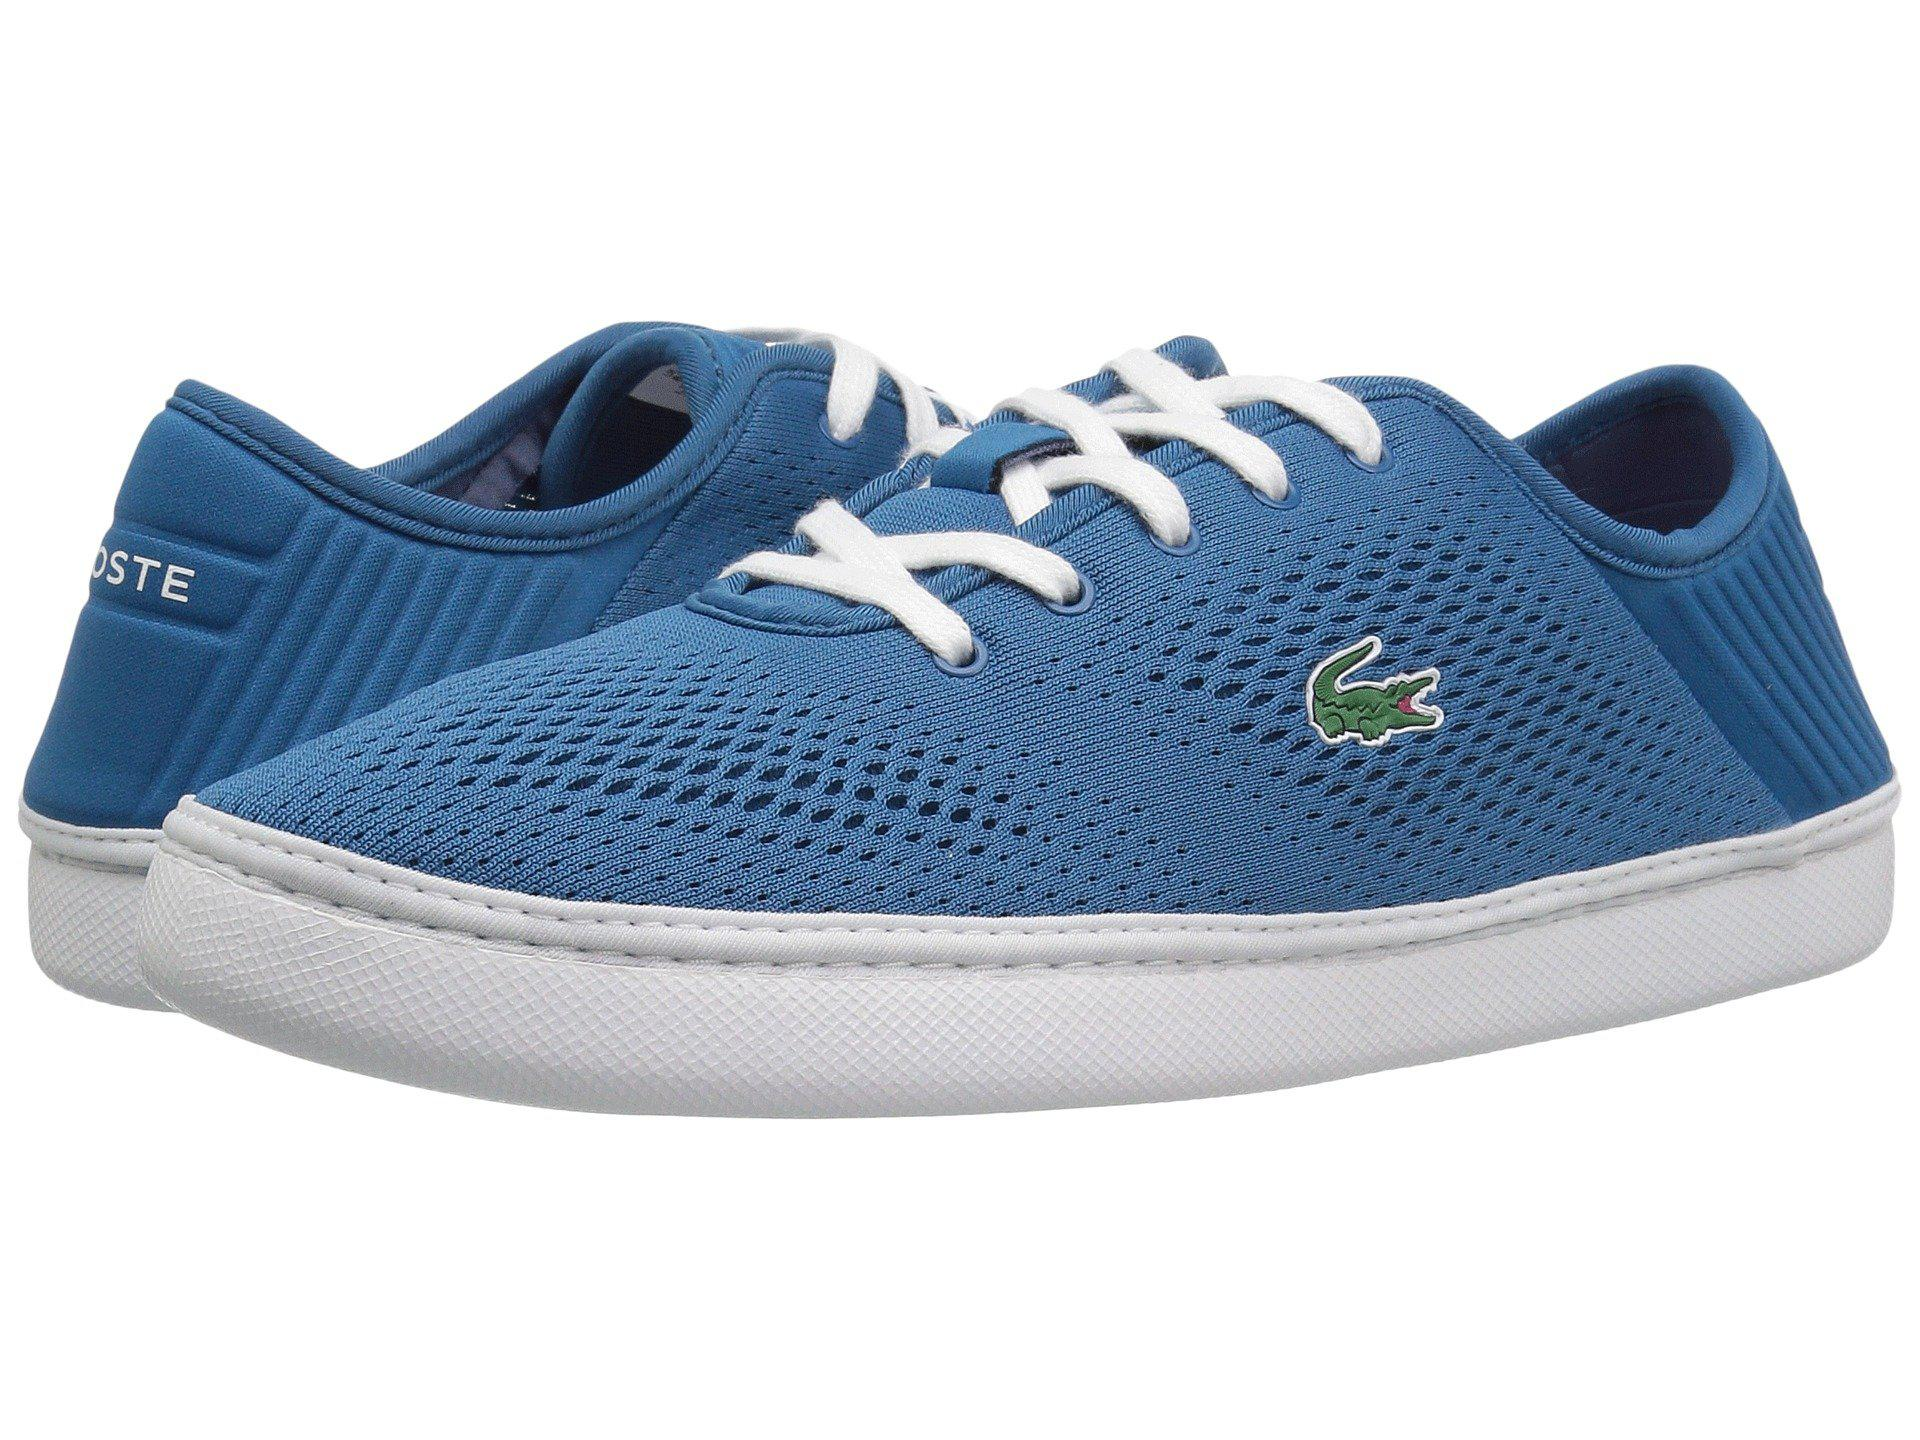 83bf0a4da Lyst - Lacoste L.ydro Lace 118 1 (dark Blue white) Men s Shoes in ...